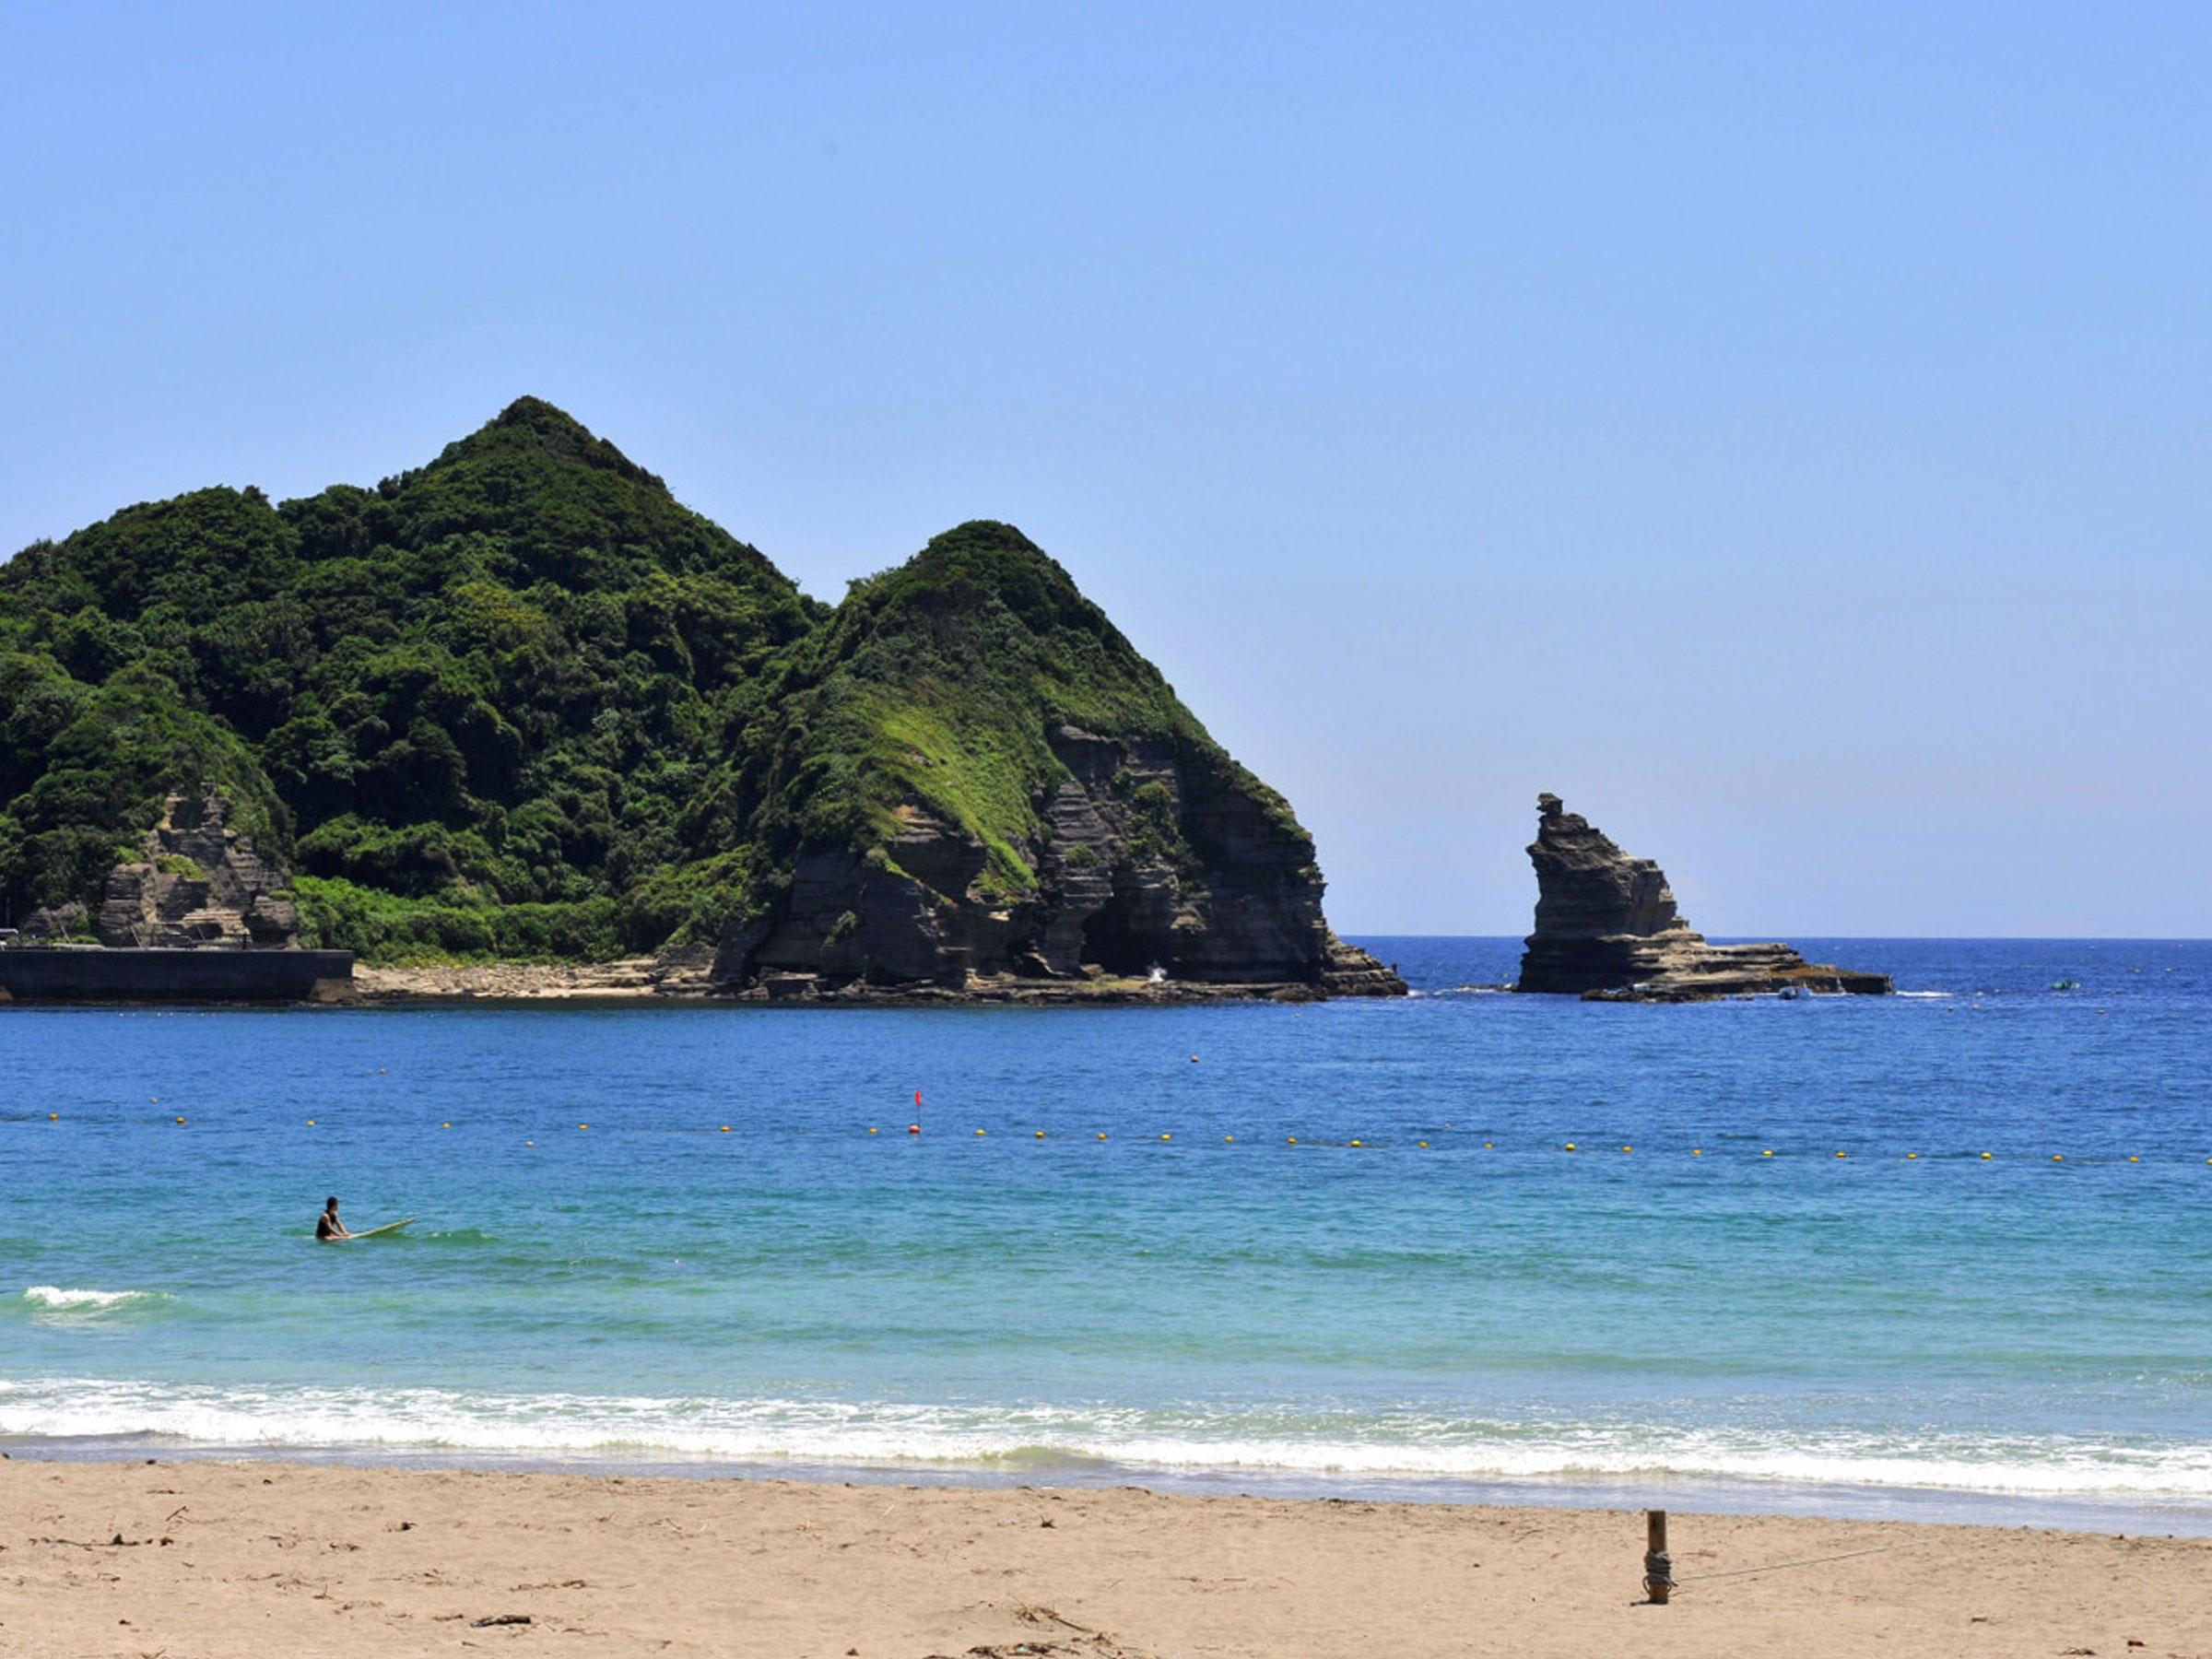 【千葉県】夏の絶景・風物詩5選 関東の沖縄と呼ばれる澄んだ海の景観